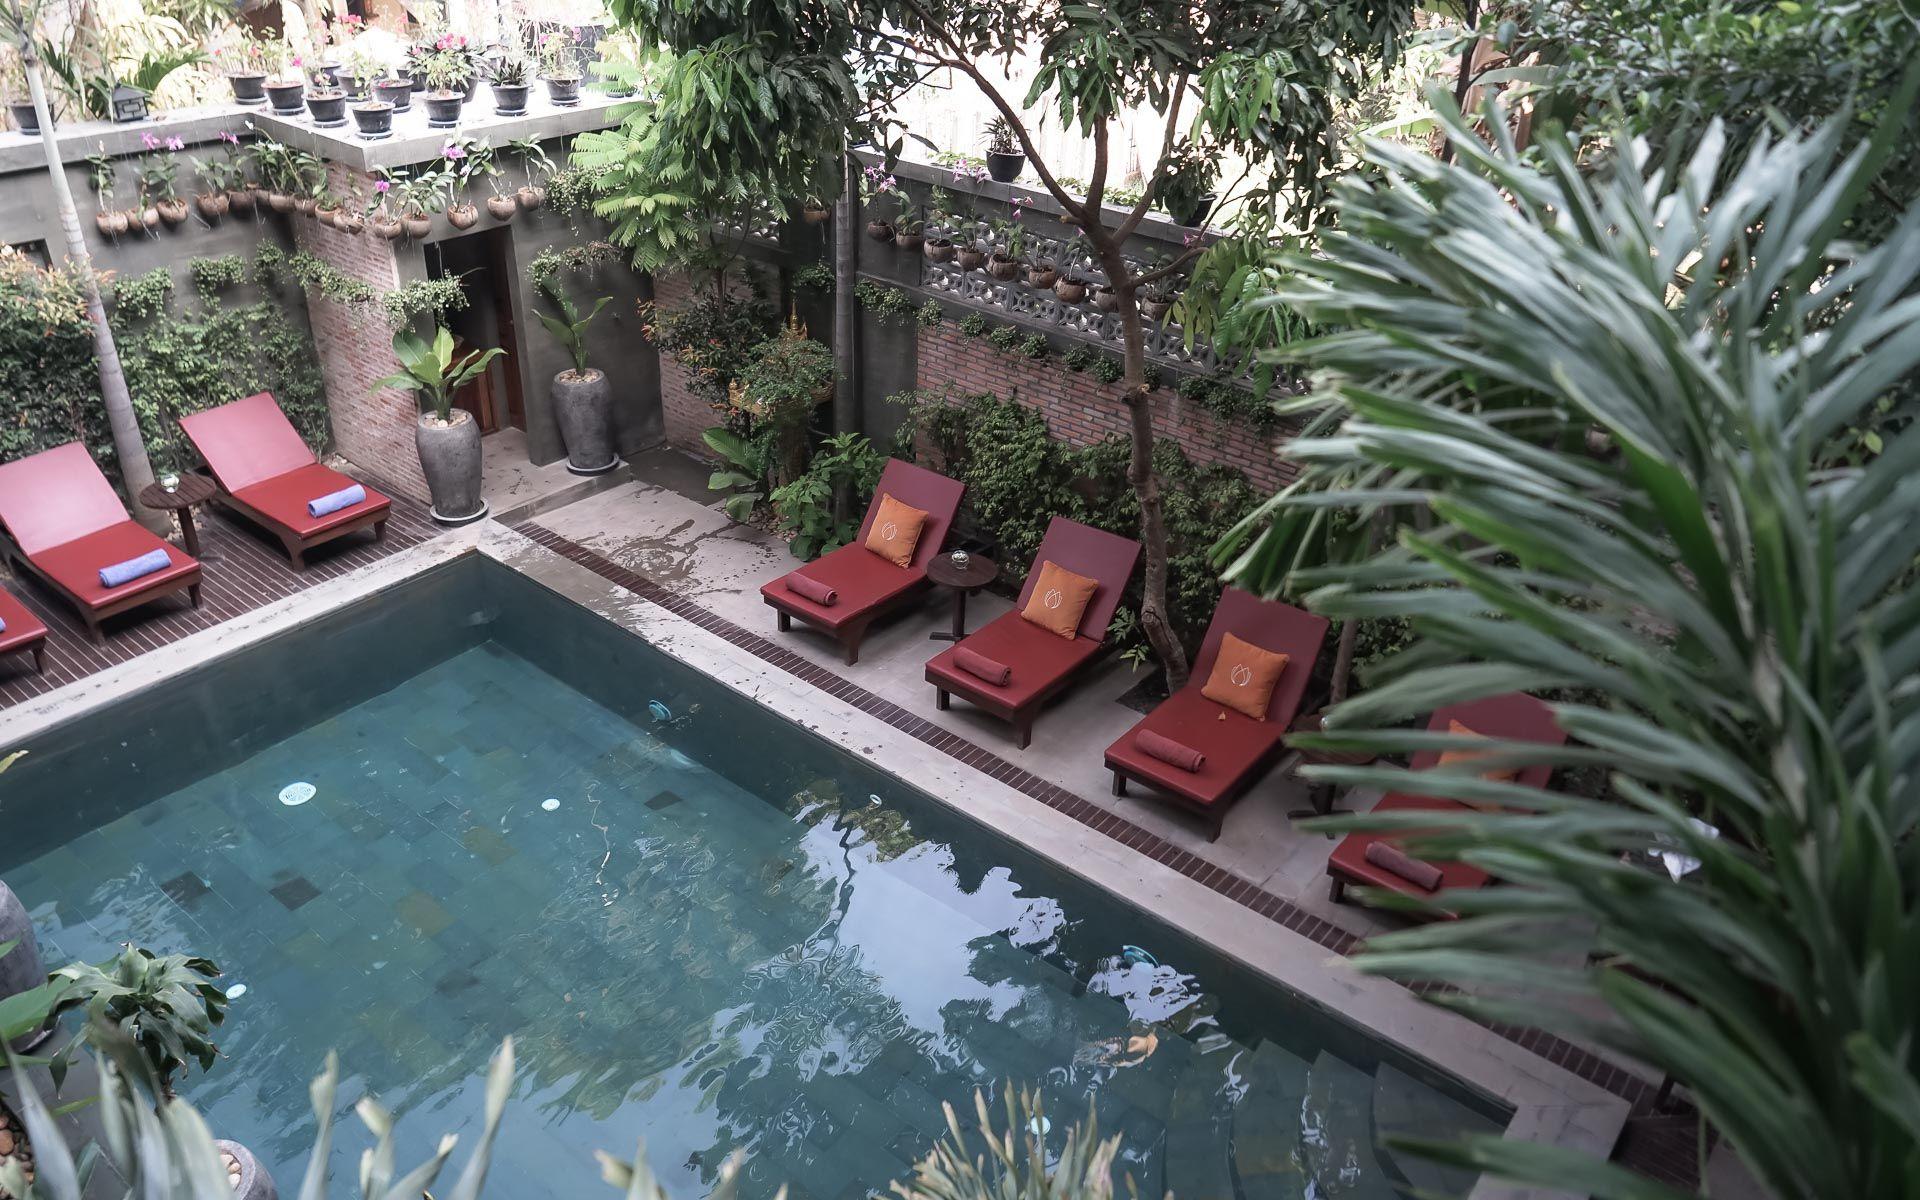 Lesvoyageuses-guide-voyage-siem-reap-angkor-cambodge-won-residence-1